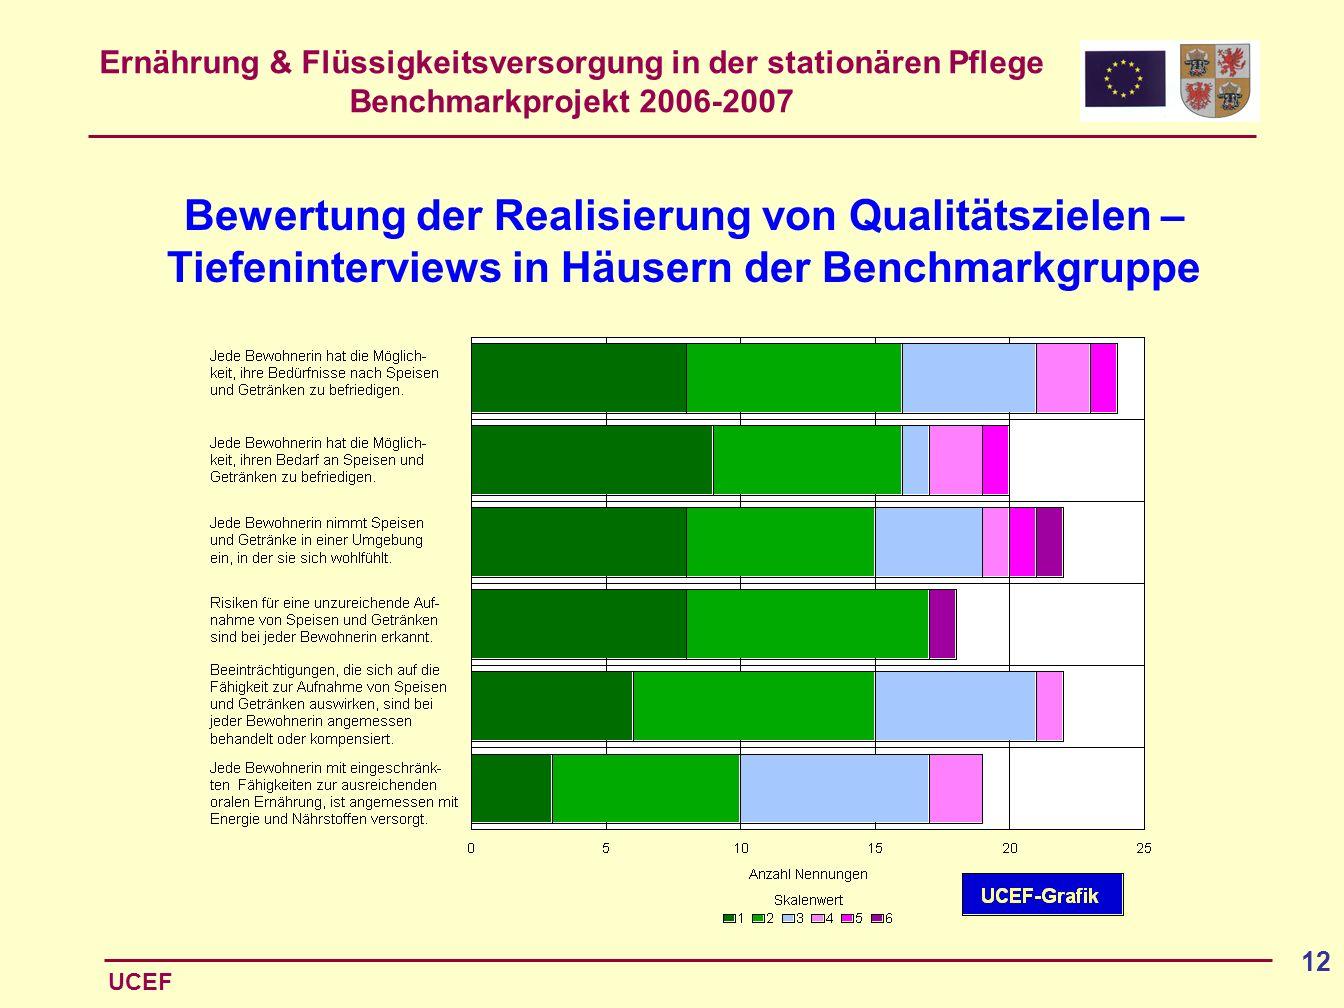 Bewertung der Realisierung von Qualitätszielen – Tiefeninterviews in Häusern der Benchmarkgruppe